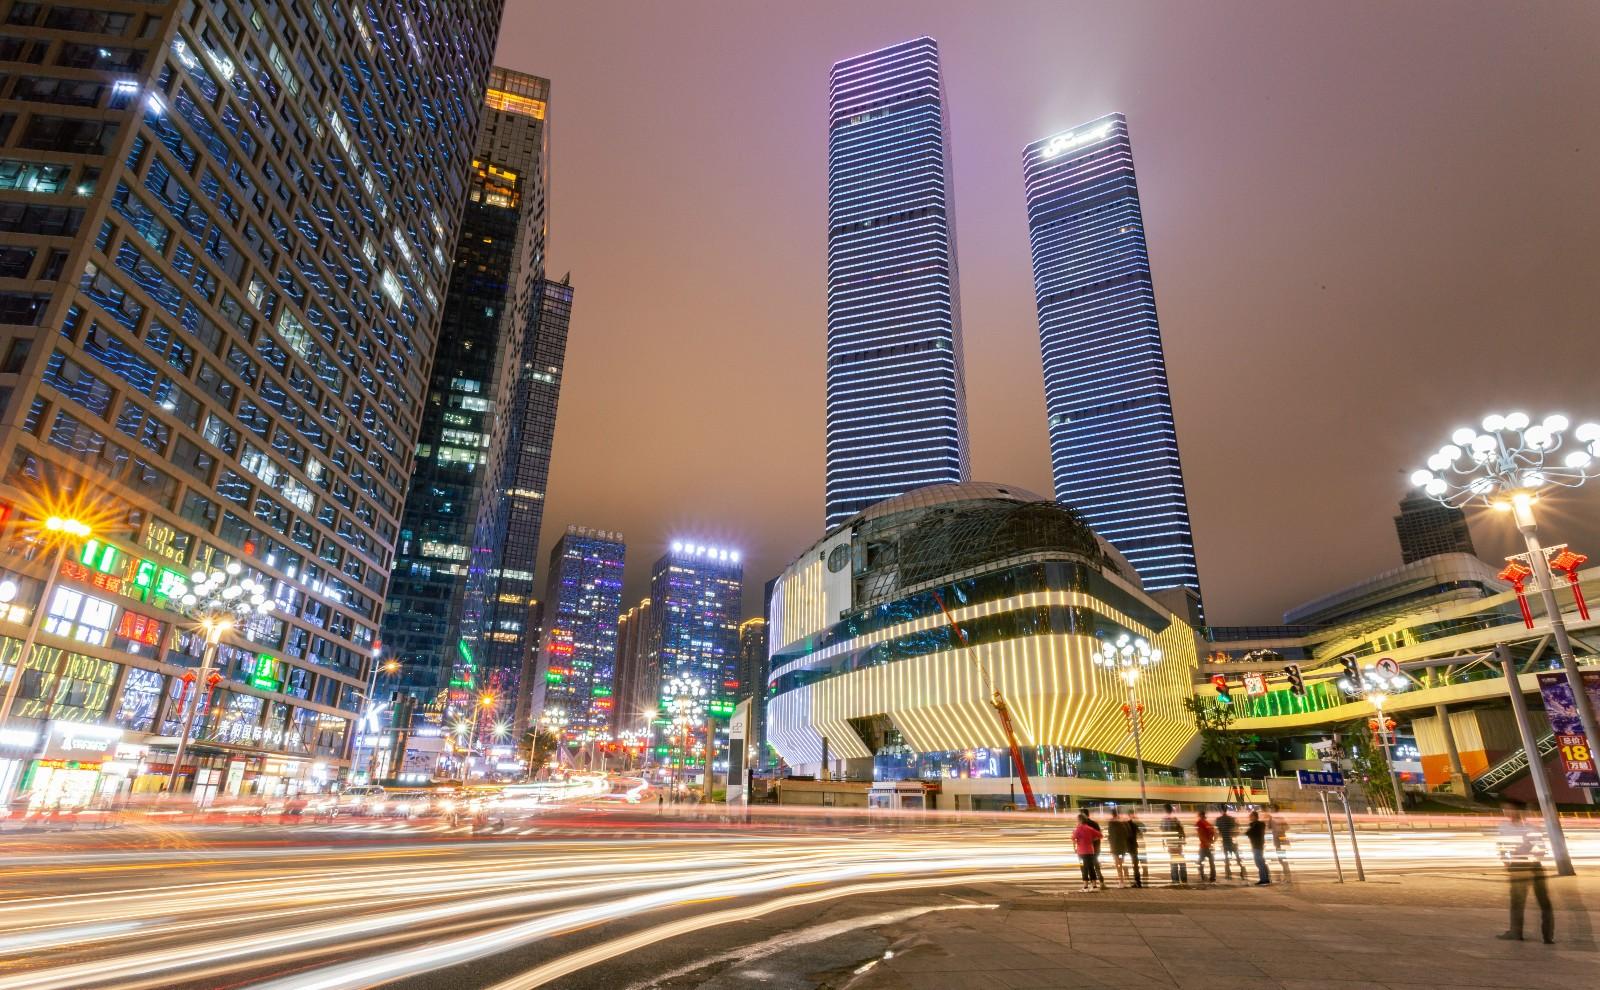 天津市代理记账公司提醒4月起,这种增值税政策优惠办理手续和办理手续进一步提升